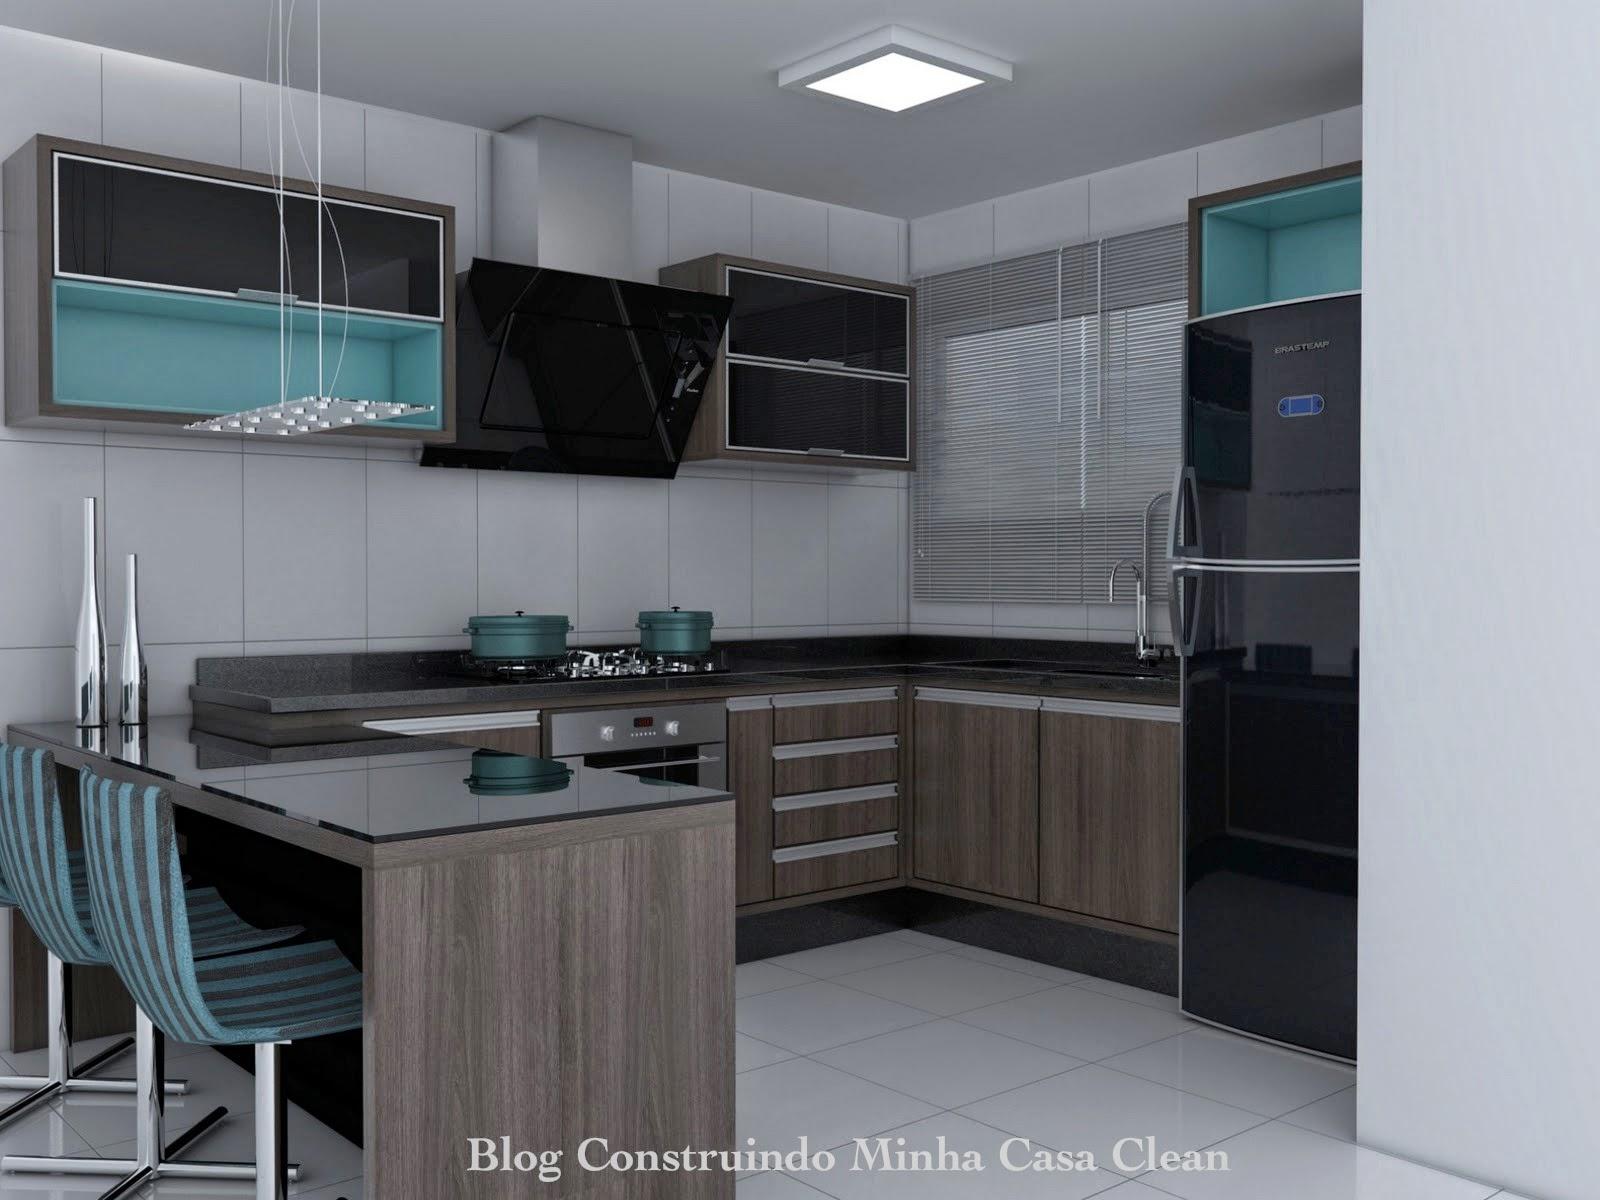 #456870 Construindo Minha Casa Clean: Cozinhas Decoradas com Azul  1600x1200 px Cadeira De Cozinha Americana Preço #1595 imagens